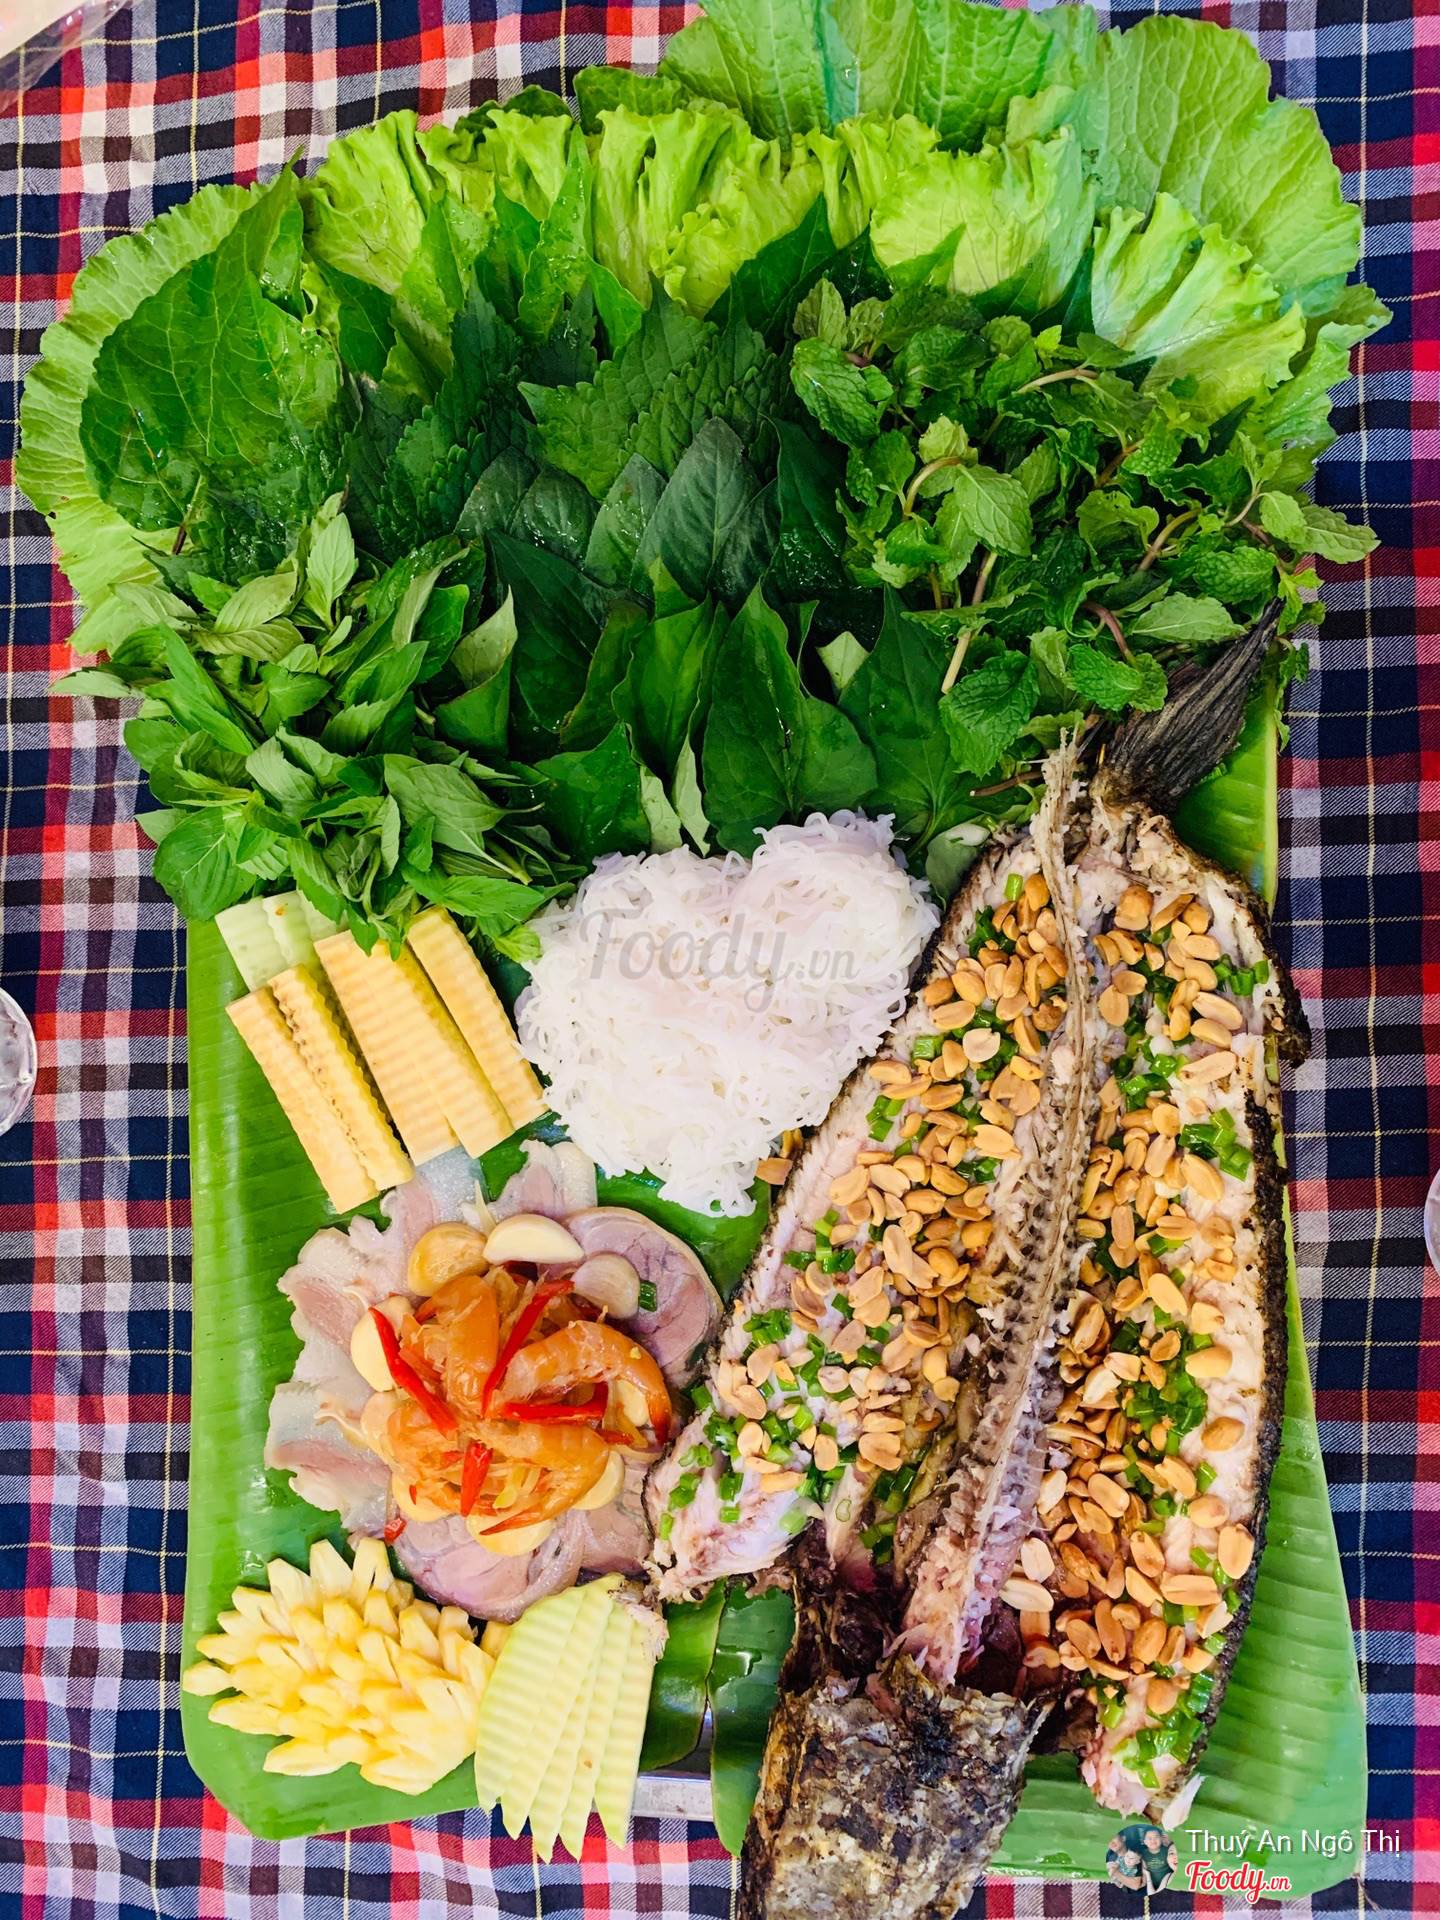 Truy tìm 6 quán cá lóc nướng trui thơm ngon nức tiếng tại Cần Thơ  - Ảnh 5.